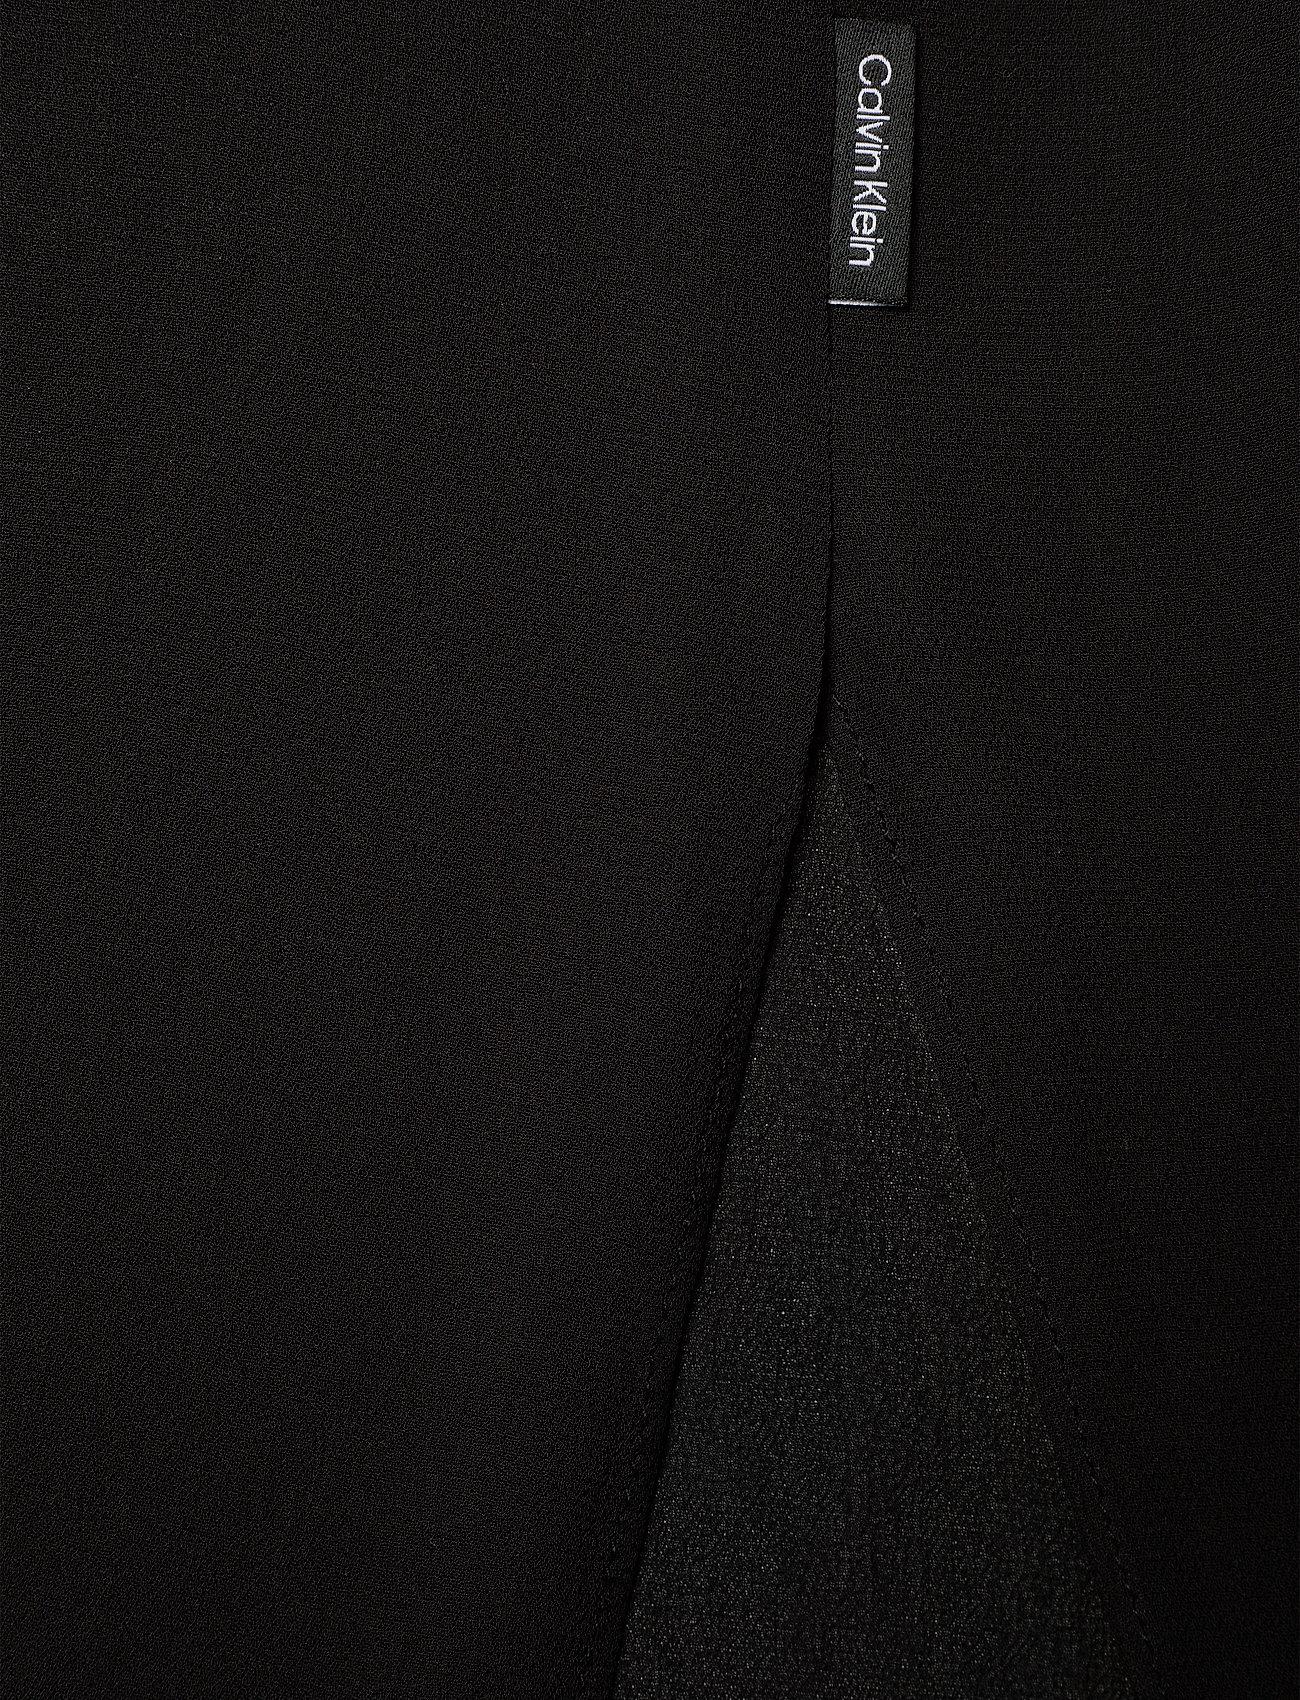 Viscose Georgette Dress (Ck Black) (2200 kr) - Calvin Klein